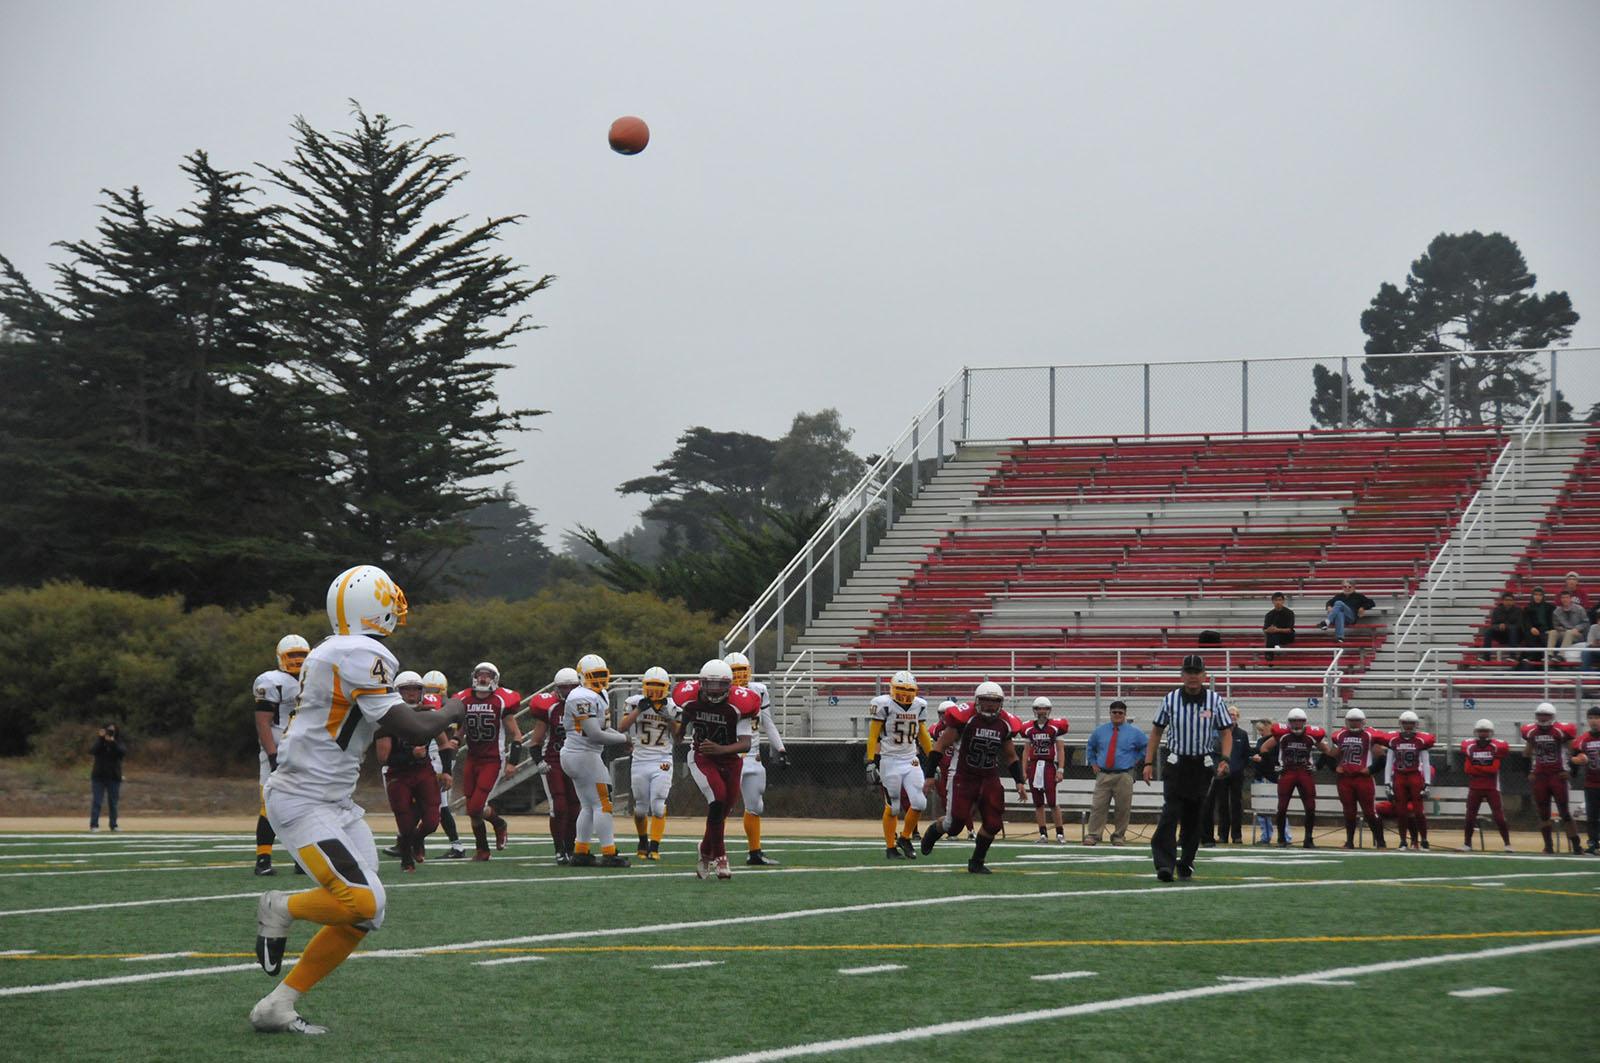 A football player runs to catch a ball.